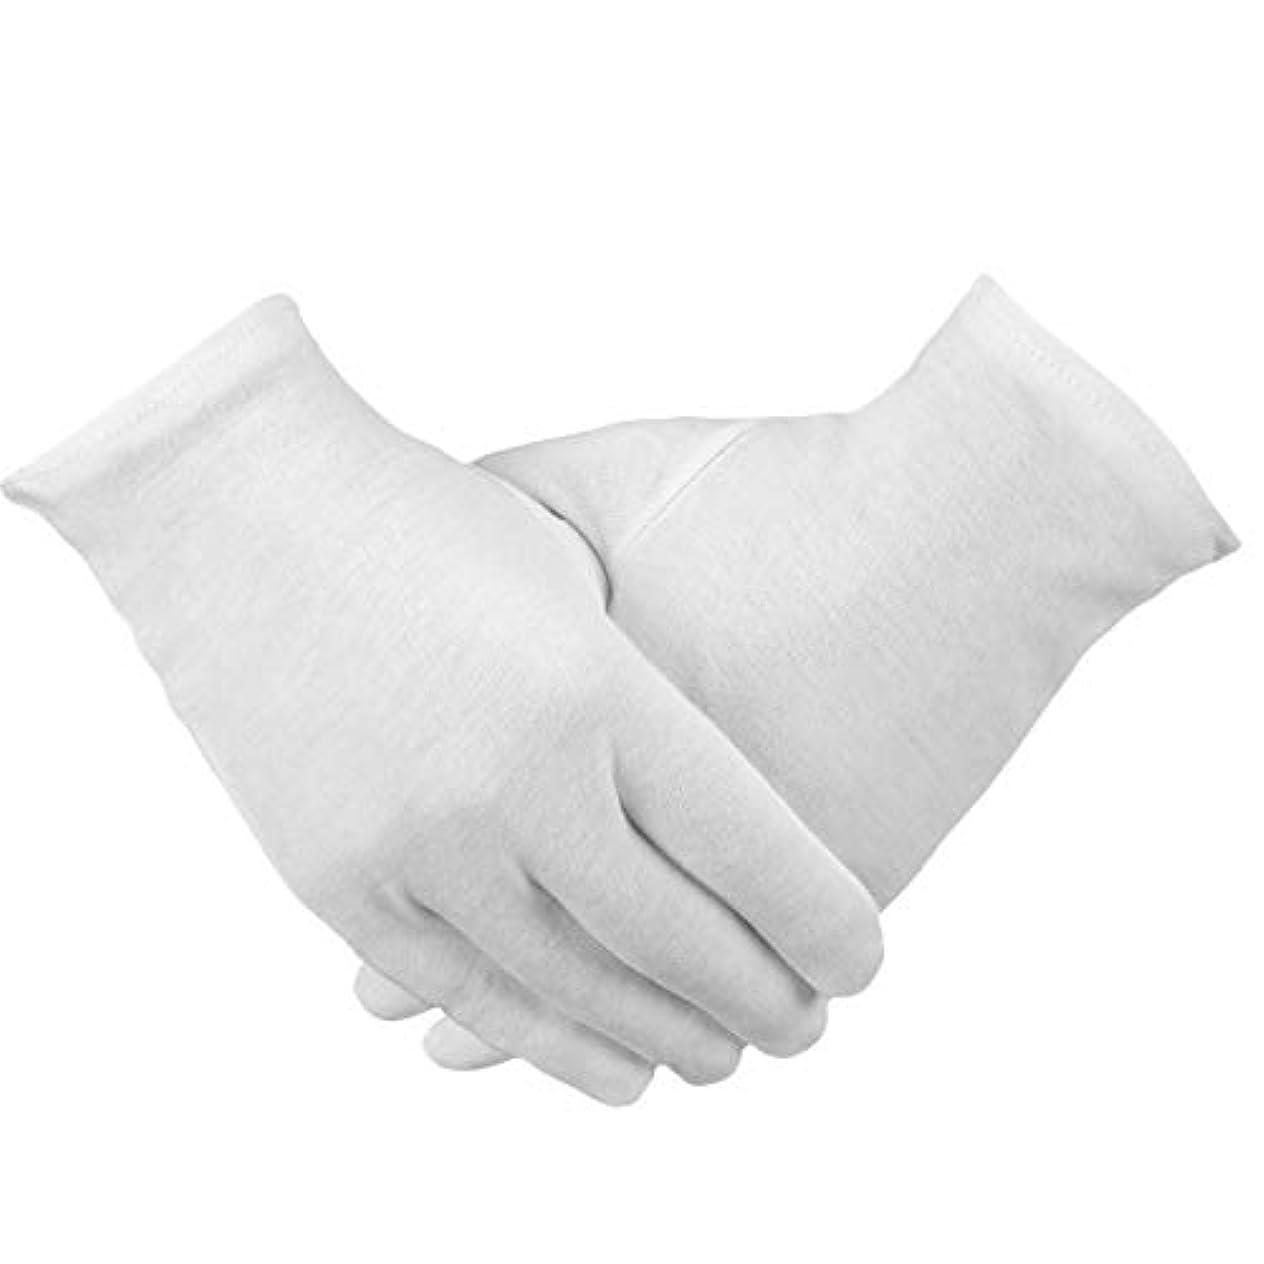 意志汚れる理容師PAMASE 12ペア 手荒れ対策 コットン手袋 綿手袋 純綿 ハンドケア 白手袋 お休み 乾燥肌用 保湿用 家事用 礼装用 メンズ レディース 手袋